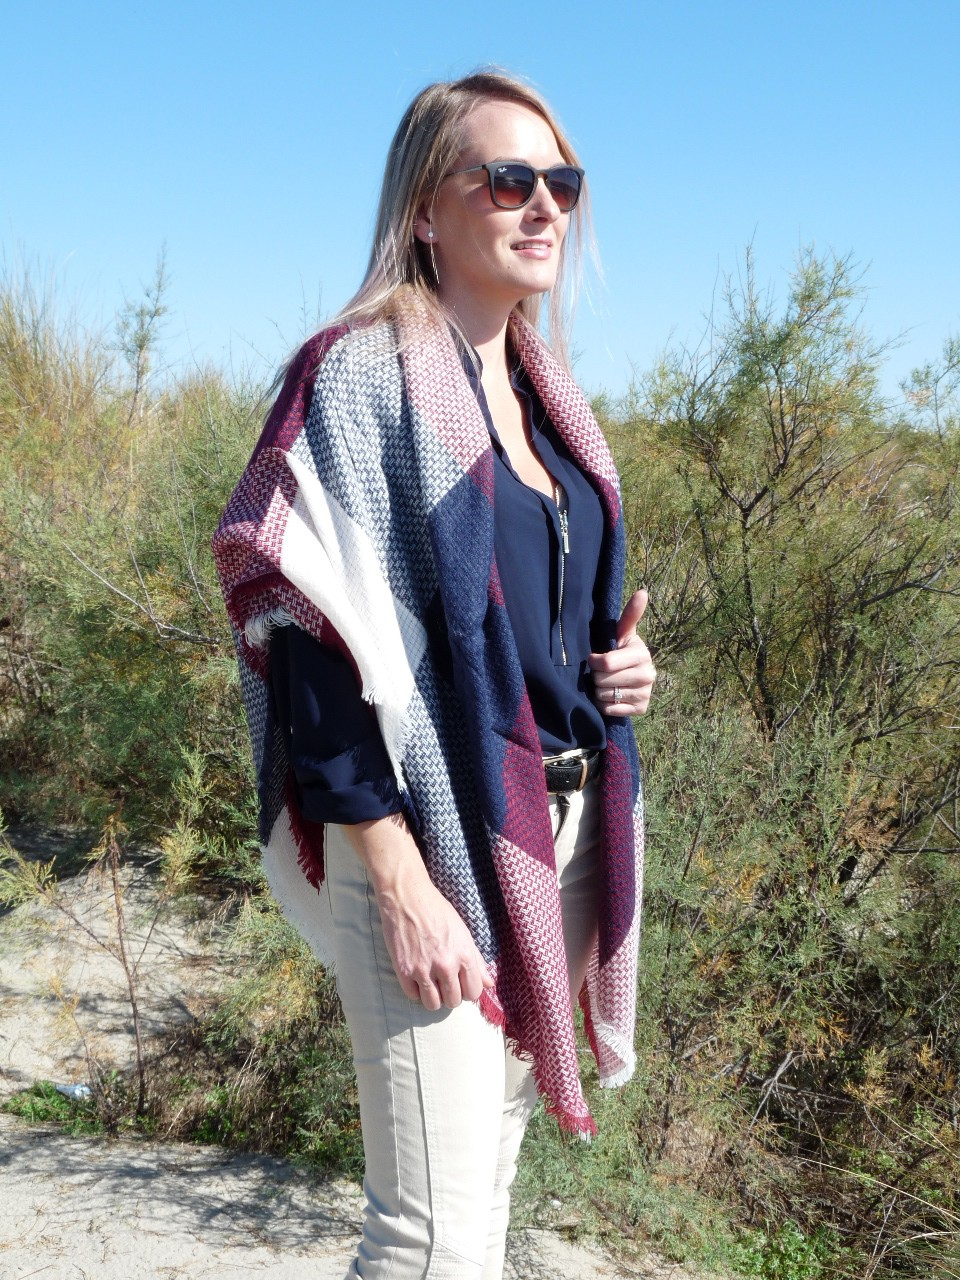 Carré écharpe femme - Idée pour s habiller 91f33437b97